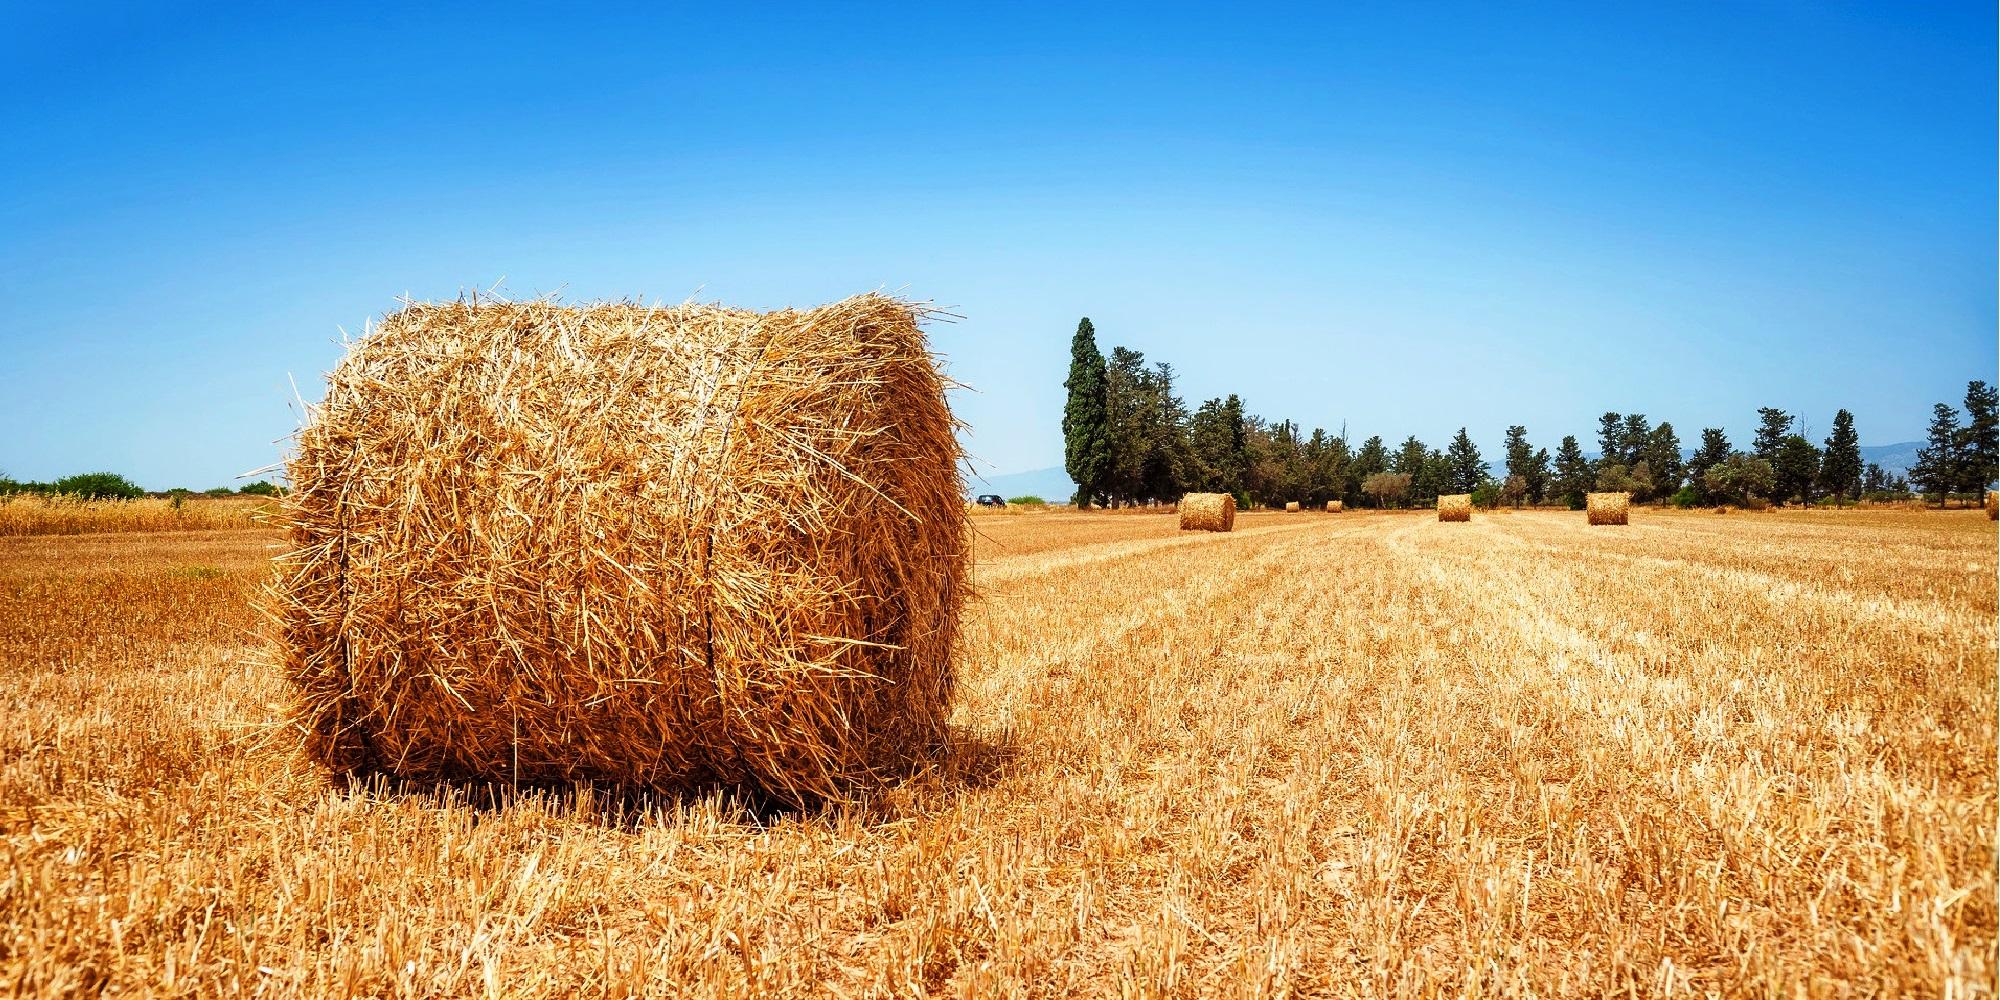 Шпагат при заготовке сена - одно из тех изделий нефтехимической индустрии, что особенно востребованы в сельском хозяйстве, а также во многих других областях